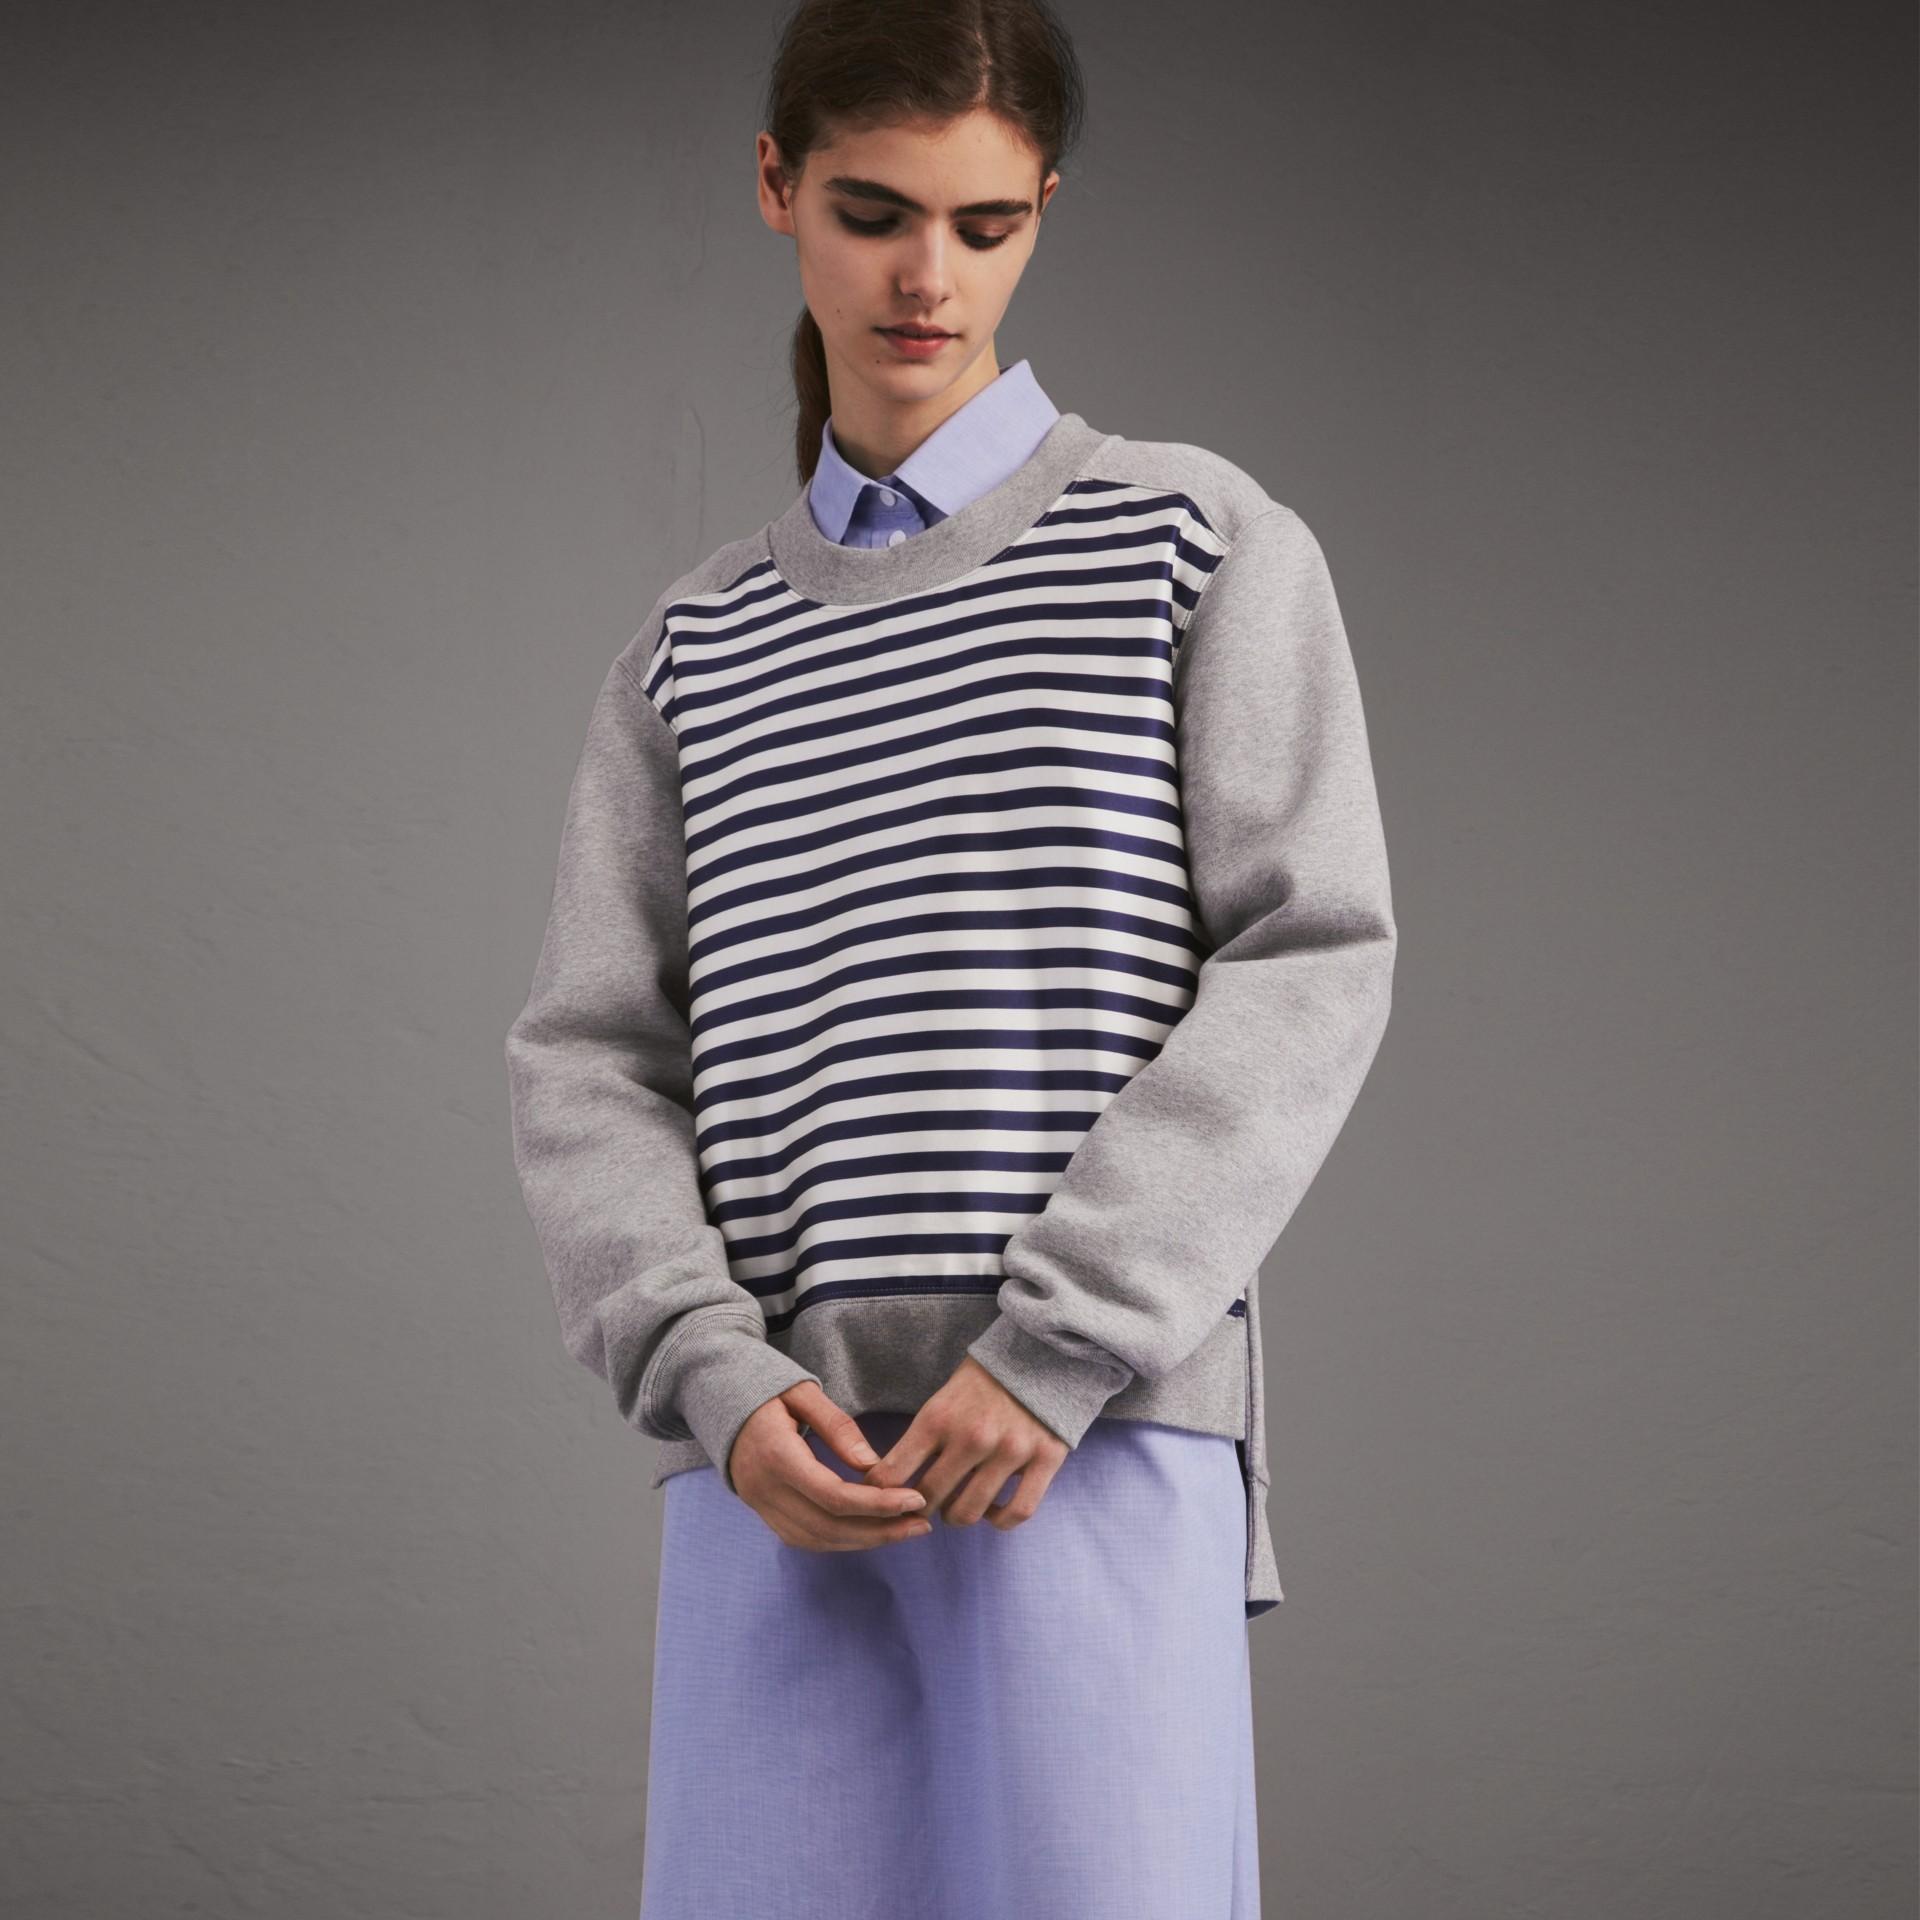 Unisex-Sweatshirt mit Streifenpanel aus Baumwollseide (Grau Meliert) - Damen | Burberry - Galerie-Bild 1